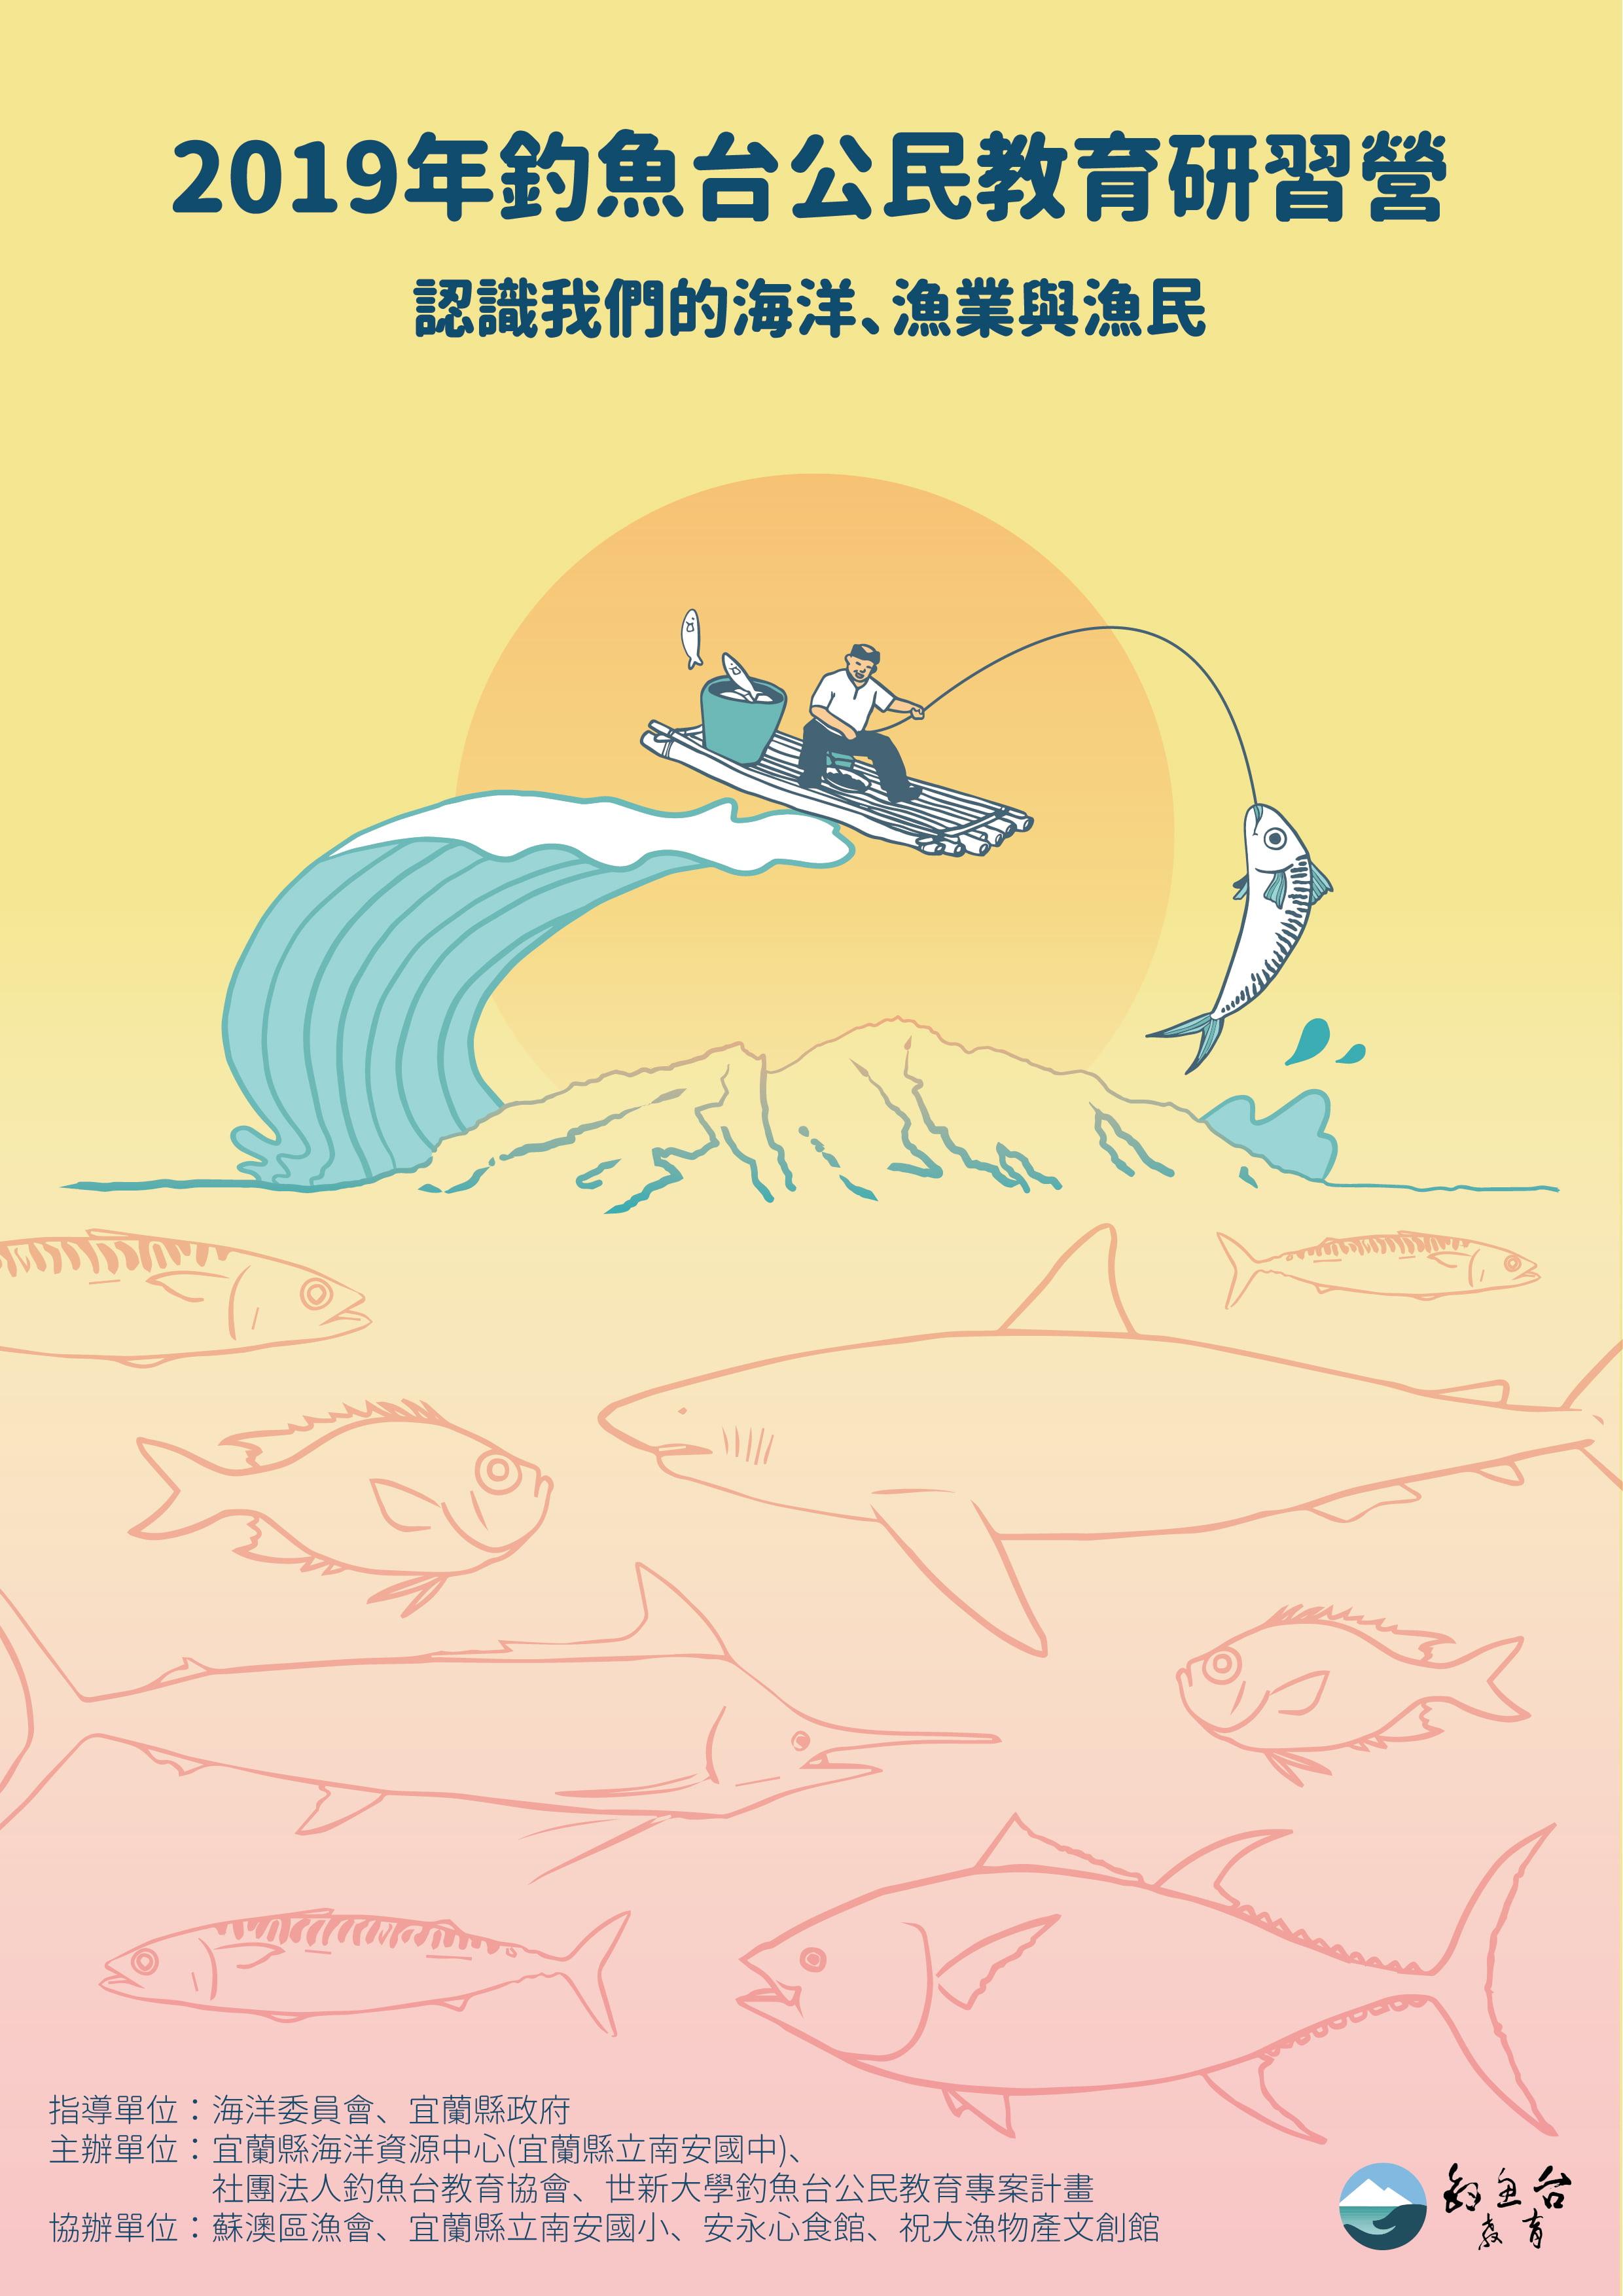 2019年釣魚台公民教育研習營:認識我們的海洋、漁業與漁民 『蘇澳場』、『小琉球場』